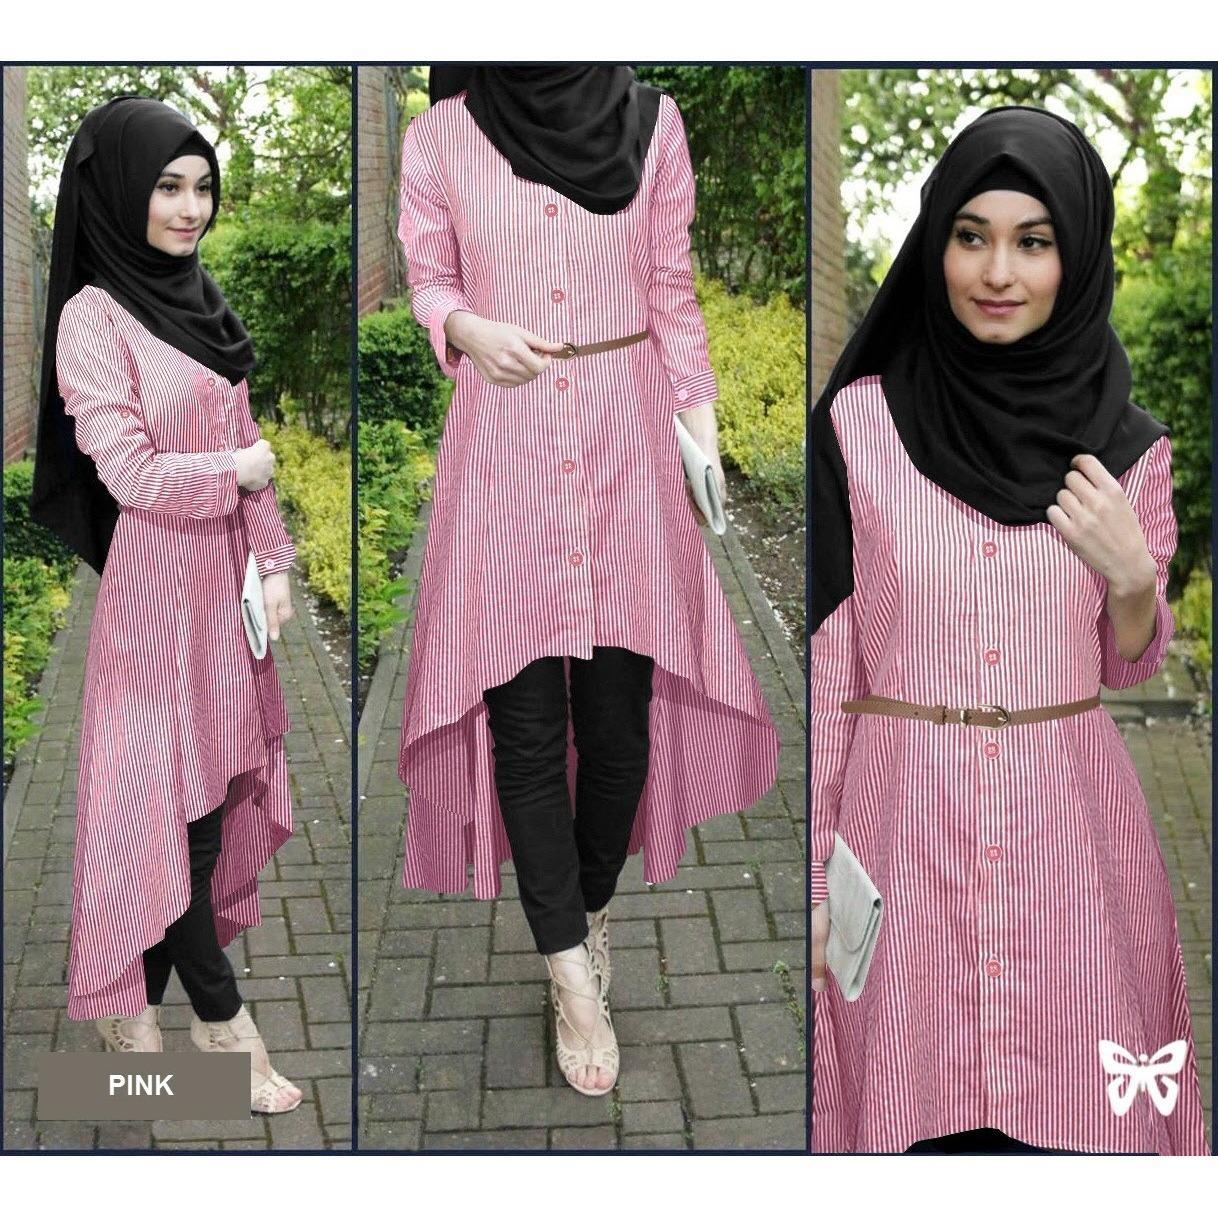 Toko Flavia Store Baju Muslim Wanita Set 4 In 1 Salur Fs0693 Pink Setelan Muslimah Stelan Gamis Hijab Atasan Blouse Terusan Kemeja Tunik Lengan Panjang Garis Bawahan Celana Srsafirasalur Termurah Dki Jakarta